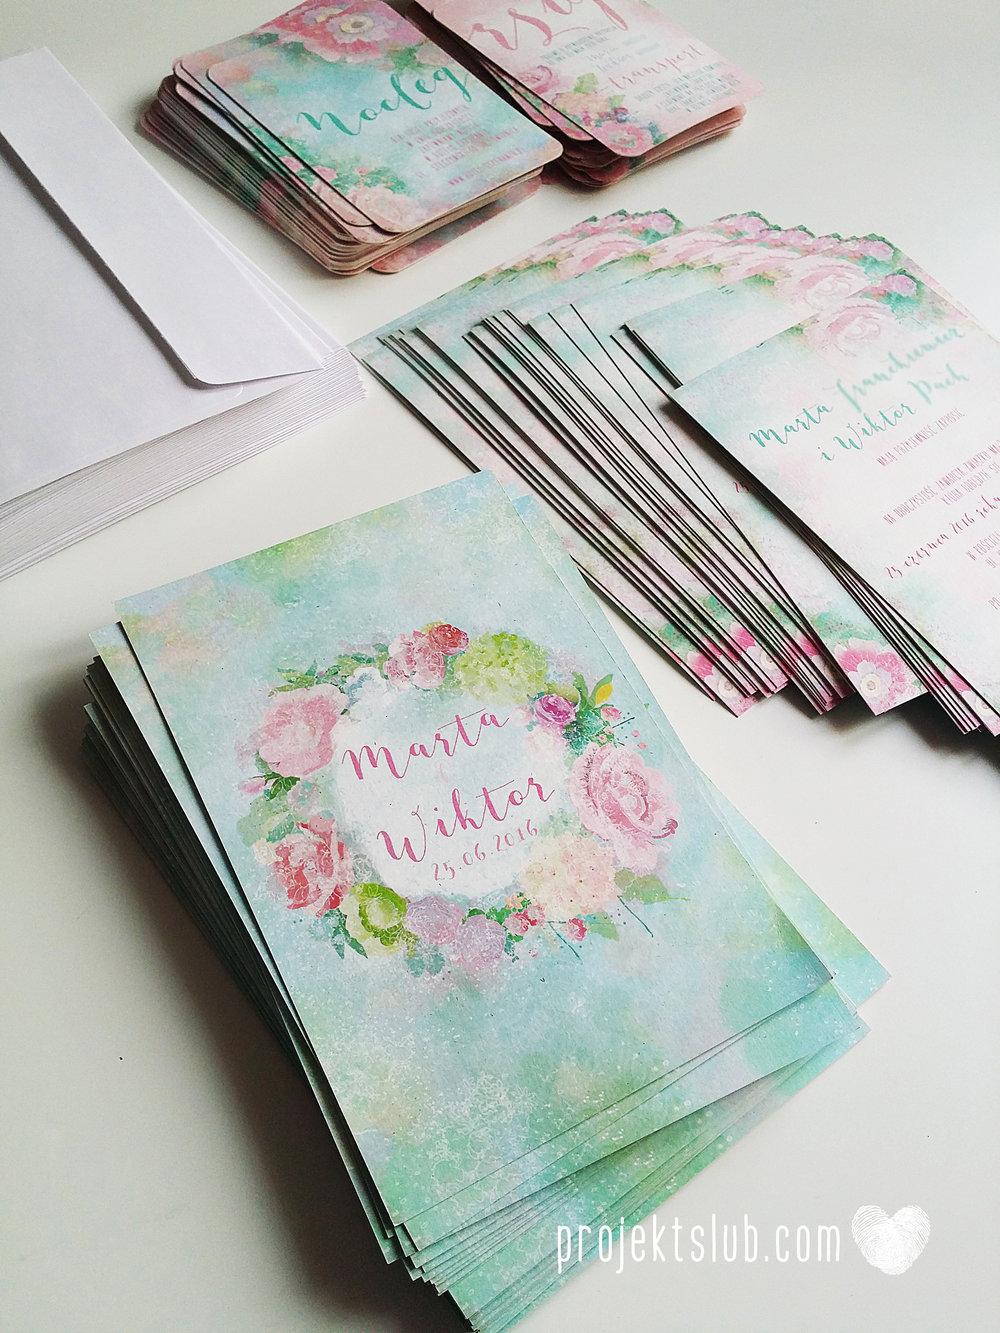 Zaproszenia ślubne oryginalne BOHO WIANEK vintage błękit pastele kwiaty romantyczne rustykalne oryginalny Projekt Ślub mięta (4).jpg